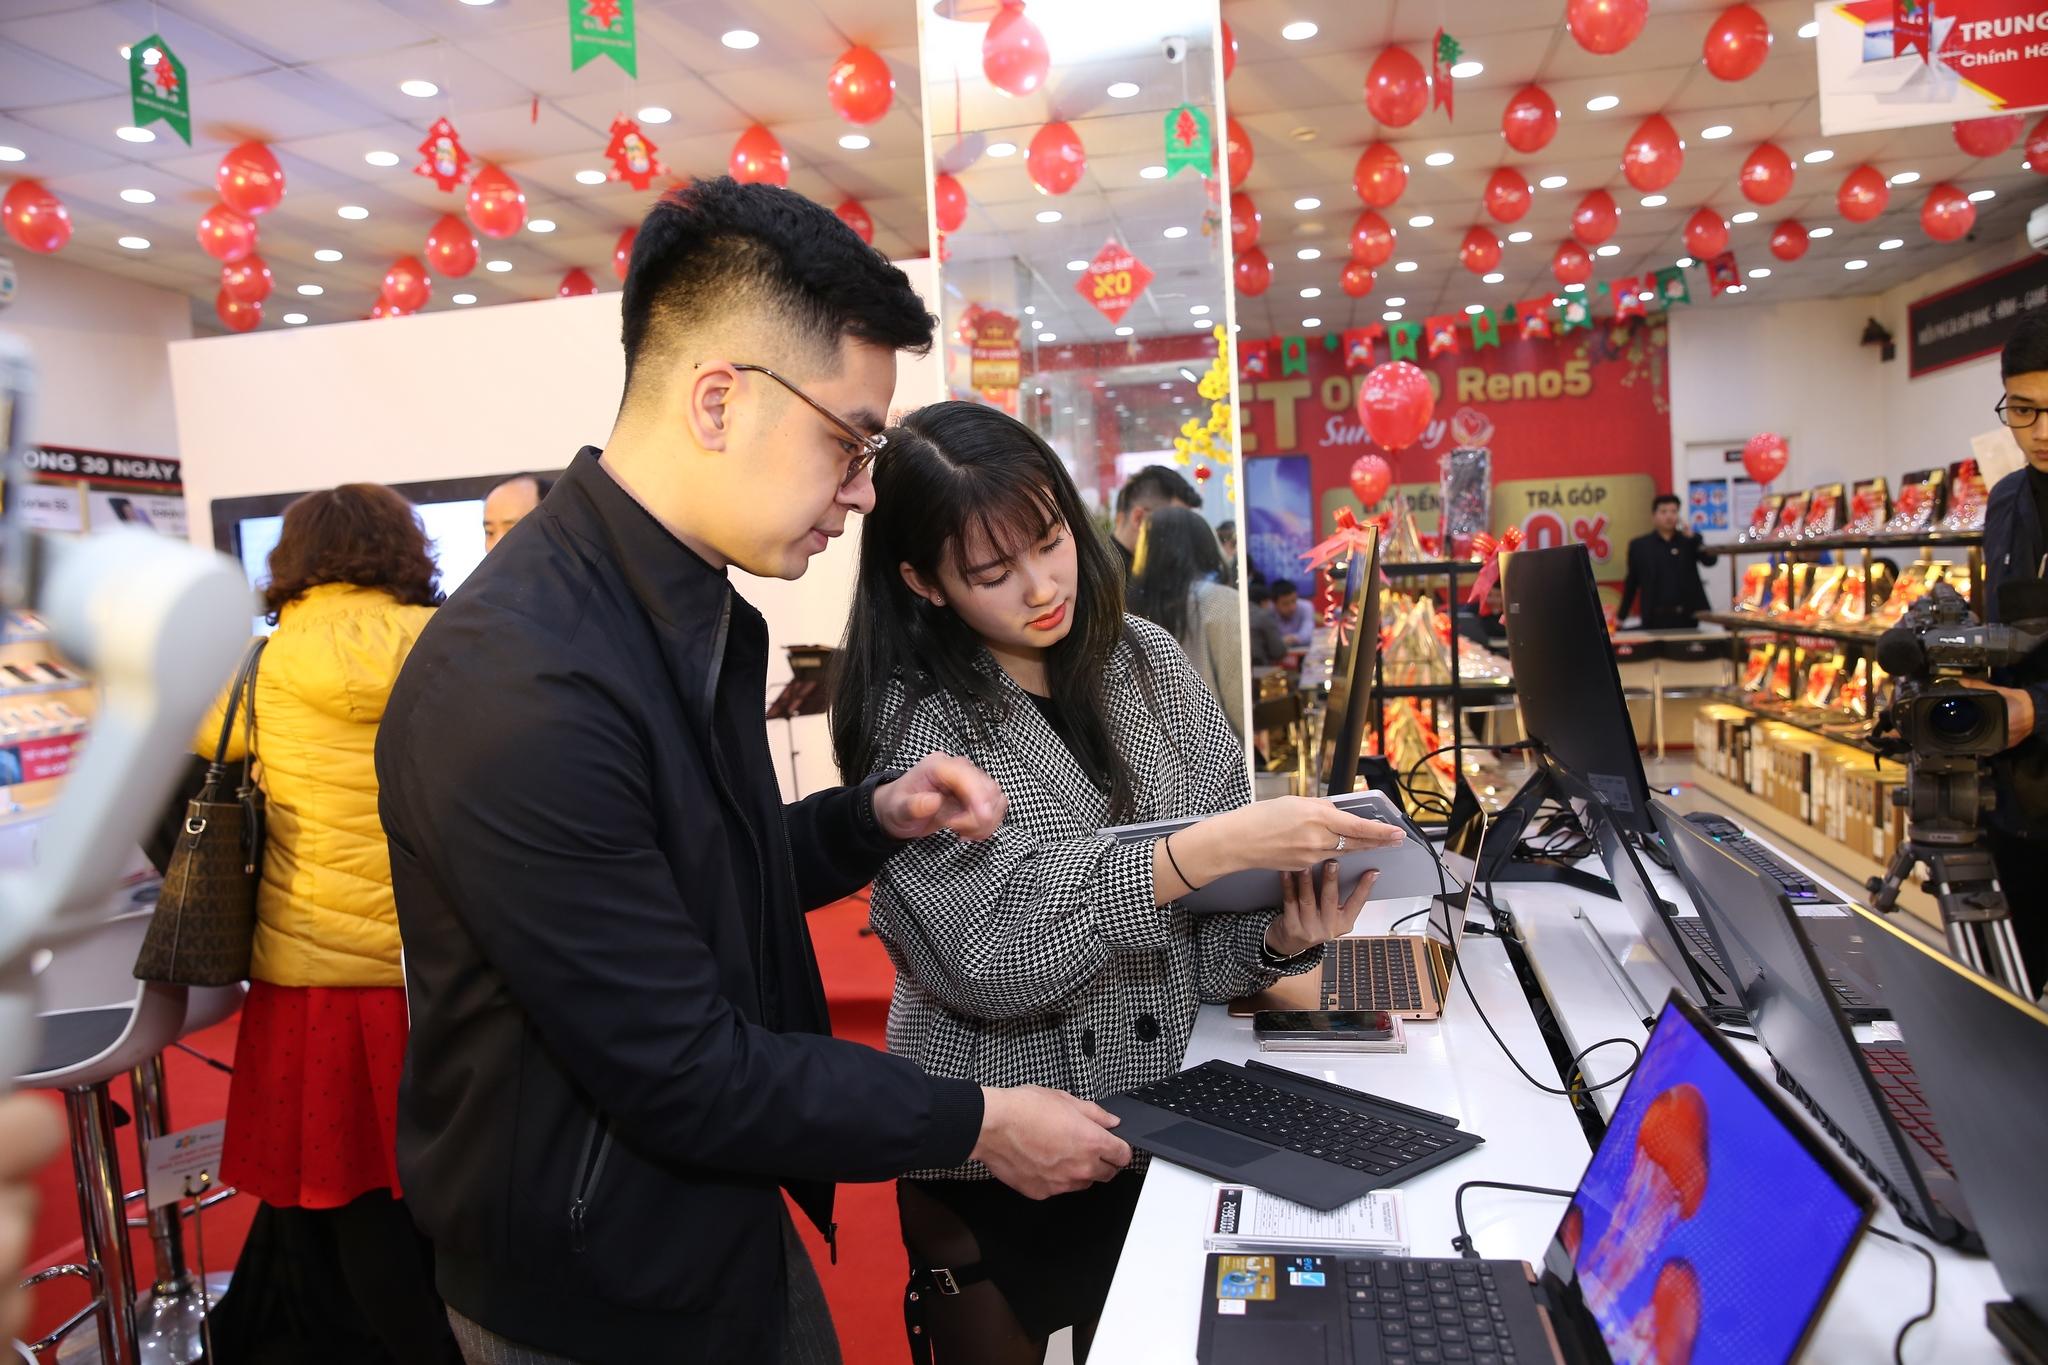 Bán lẻ công nghệ mở rộng hệ sinh thái laptop, người dùng dễ dàng chọn mua cho mọi nhu cầu - Ảnh 3.